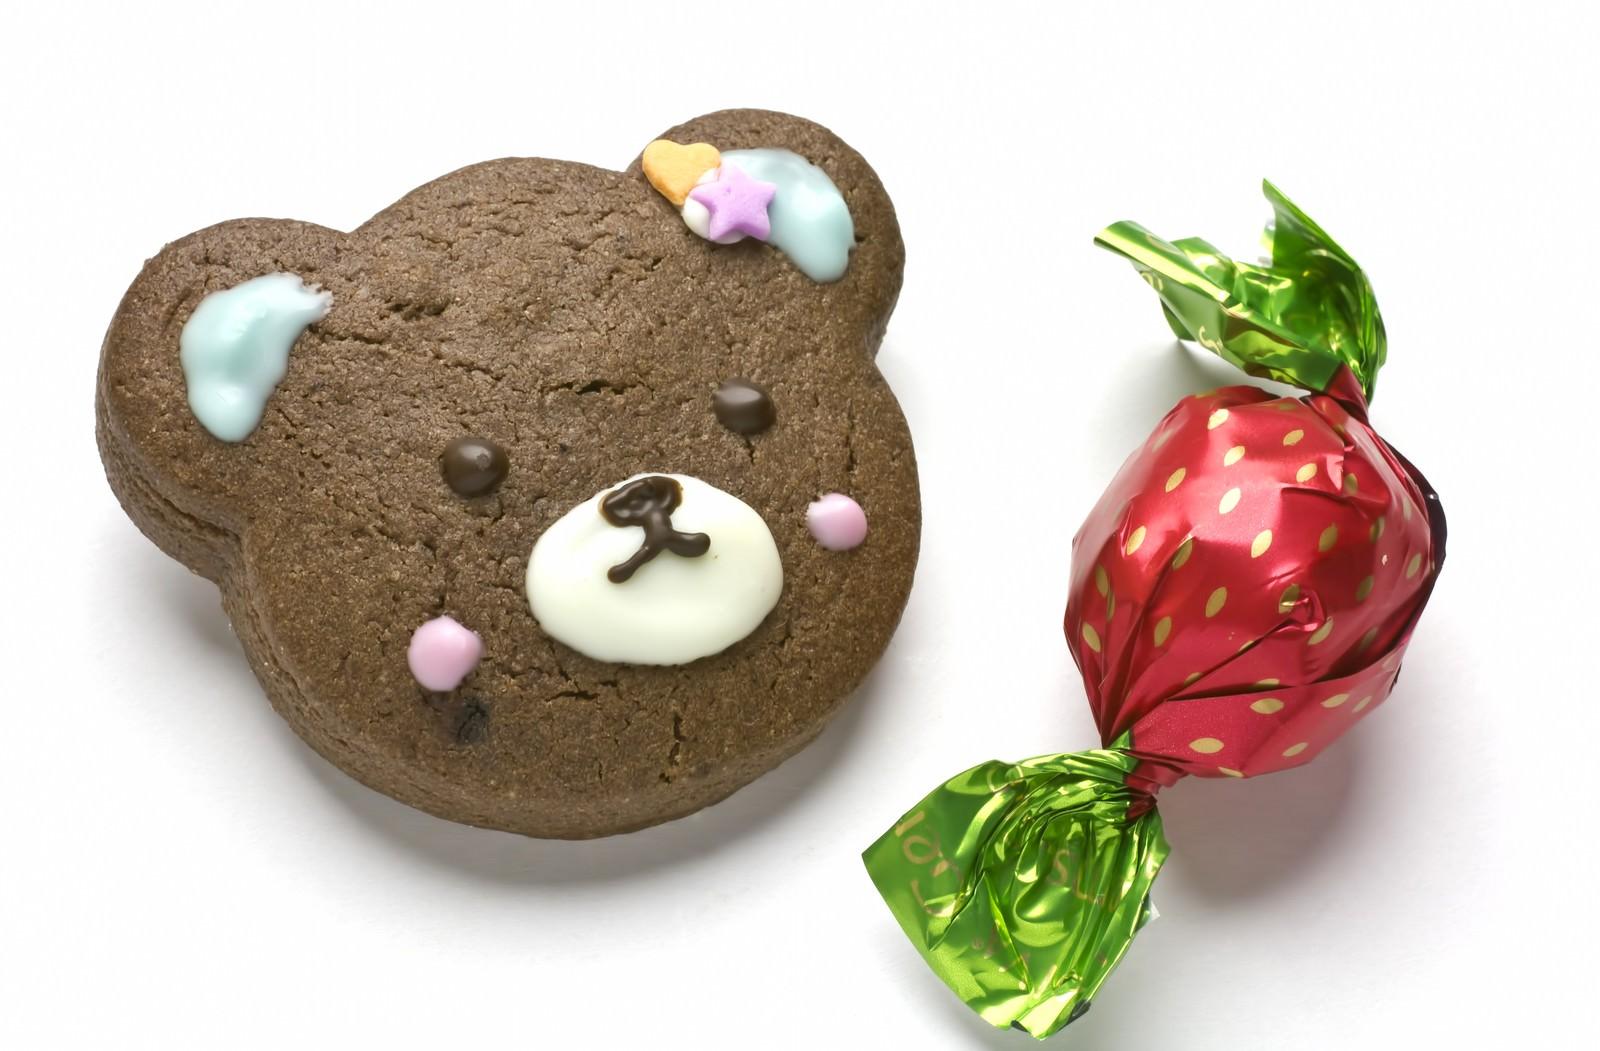 「バレンタイン用クマのクッキーとチョコレート」の写真